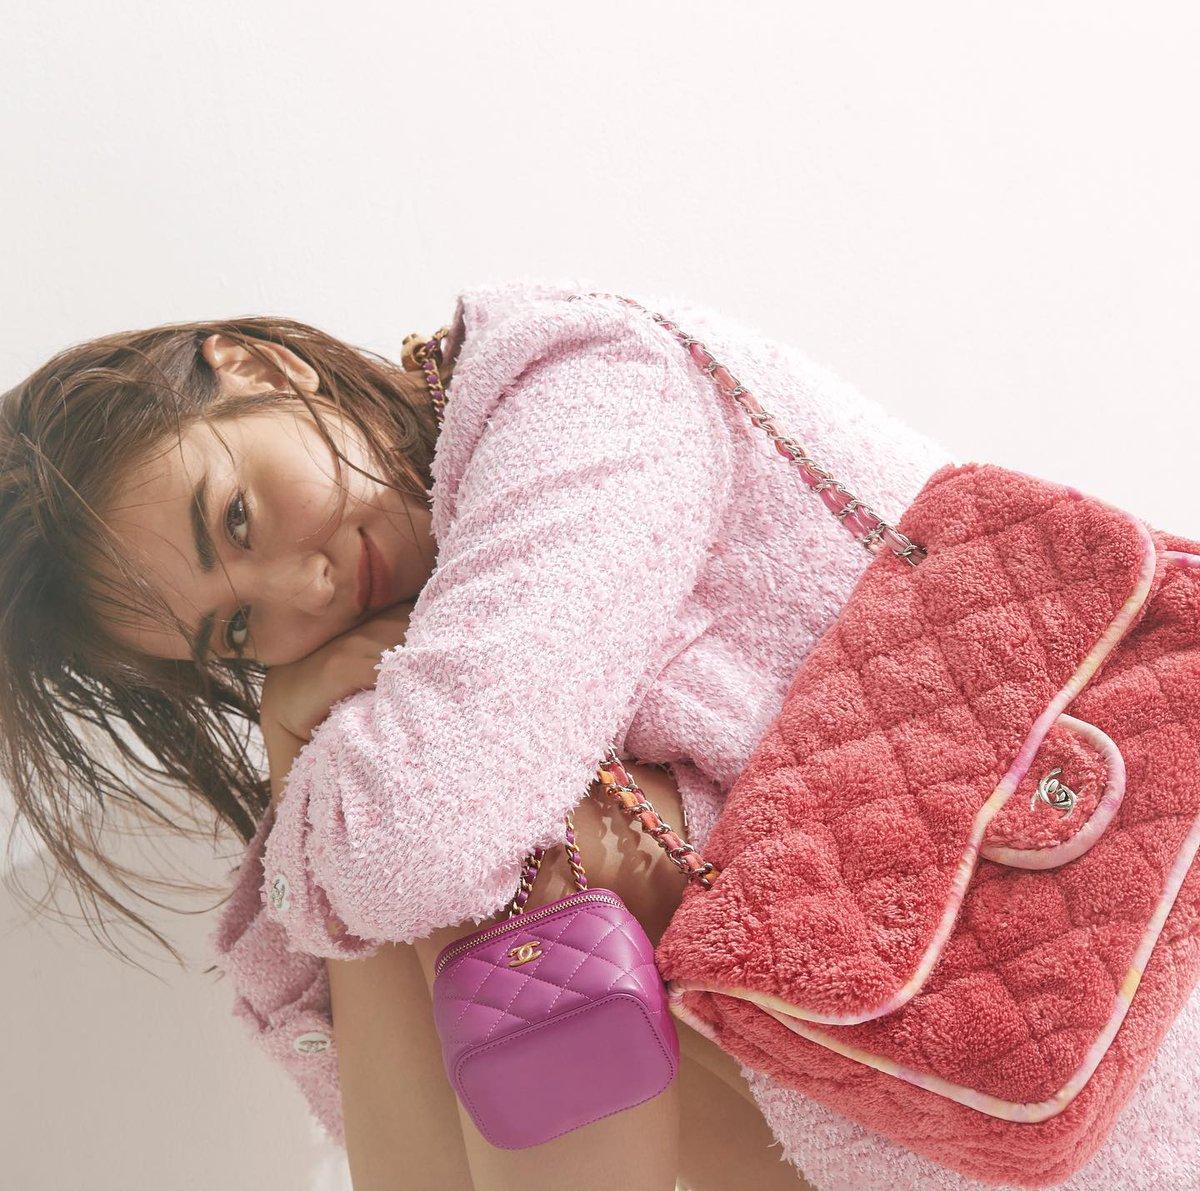 現在発売中のOggi2月号のOggi専属モデル連載は「滝沢カレン meets シャネル」❤️  いつだって憧れのブランド、シャネルの2020/21年クルーズコレクションを、カレンちゃんが着こなす多幸感あふれる6ページは必見です☺️  #シャネル #CHANEL #CHANELCruise #滝沢カレン #かわいい #prettyinpink #ピンク